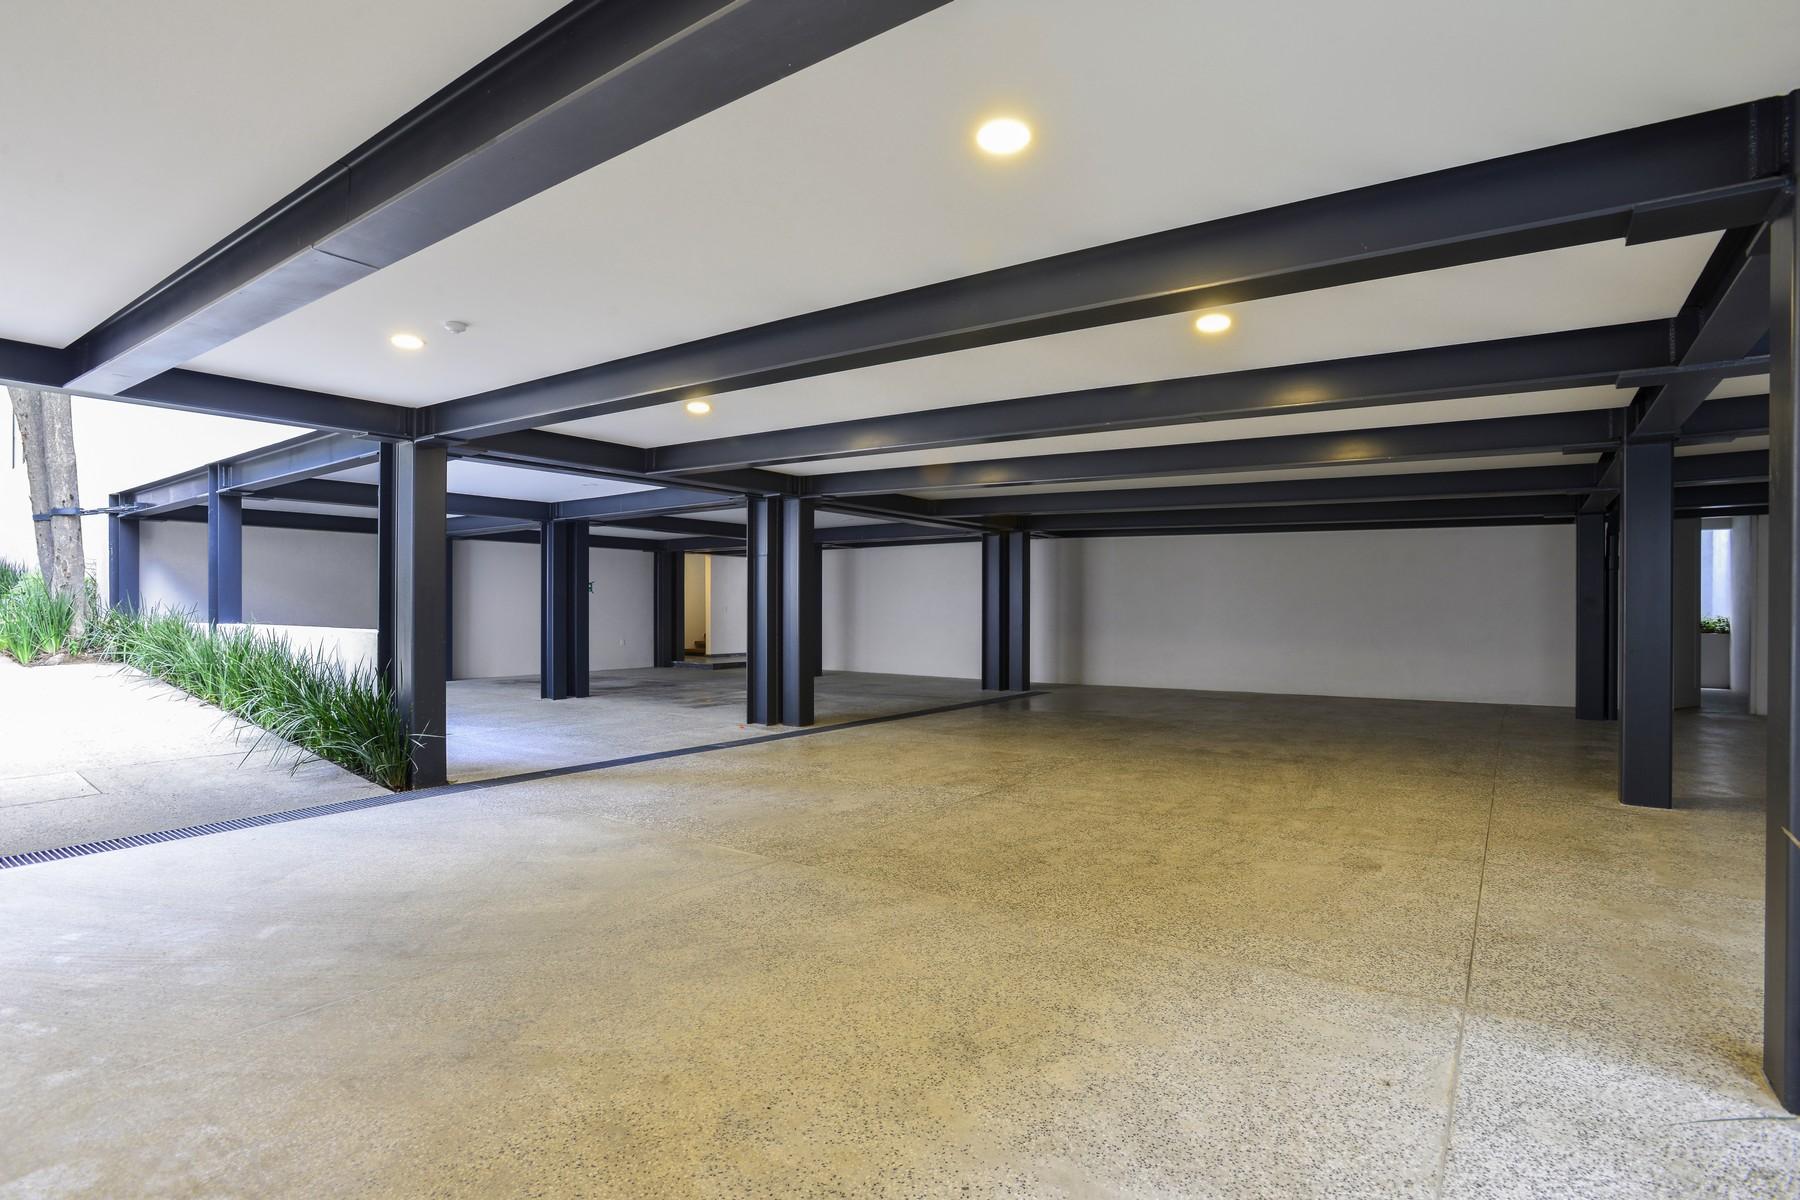 Additional photo for property listing at Casa Palmas Paseo de Las Palmas 1969 Lomas de Chapultepec Other Mexico, Ciudades En México 11020 México